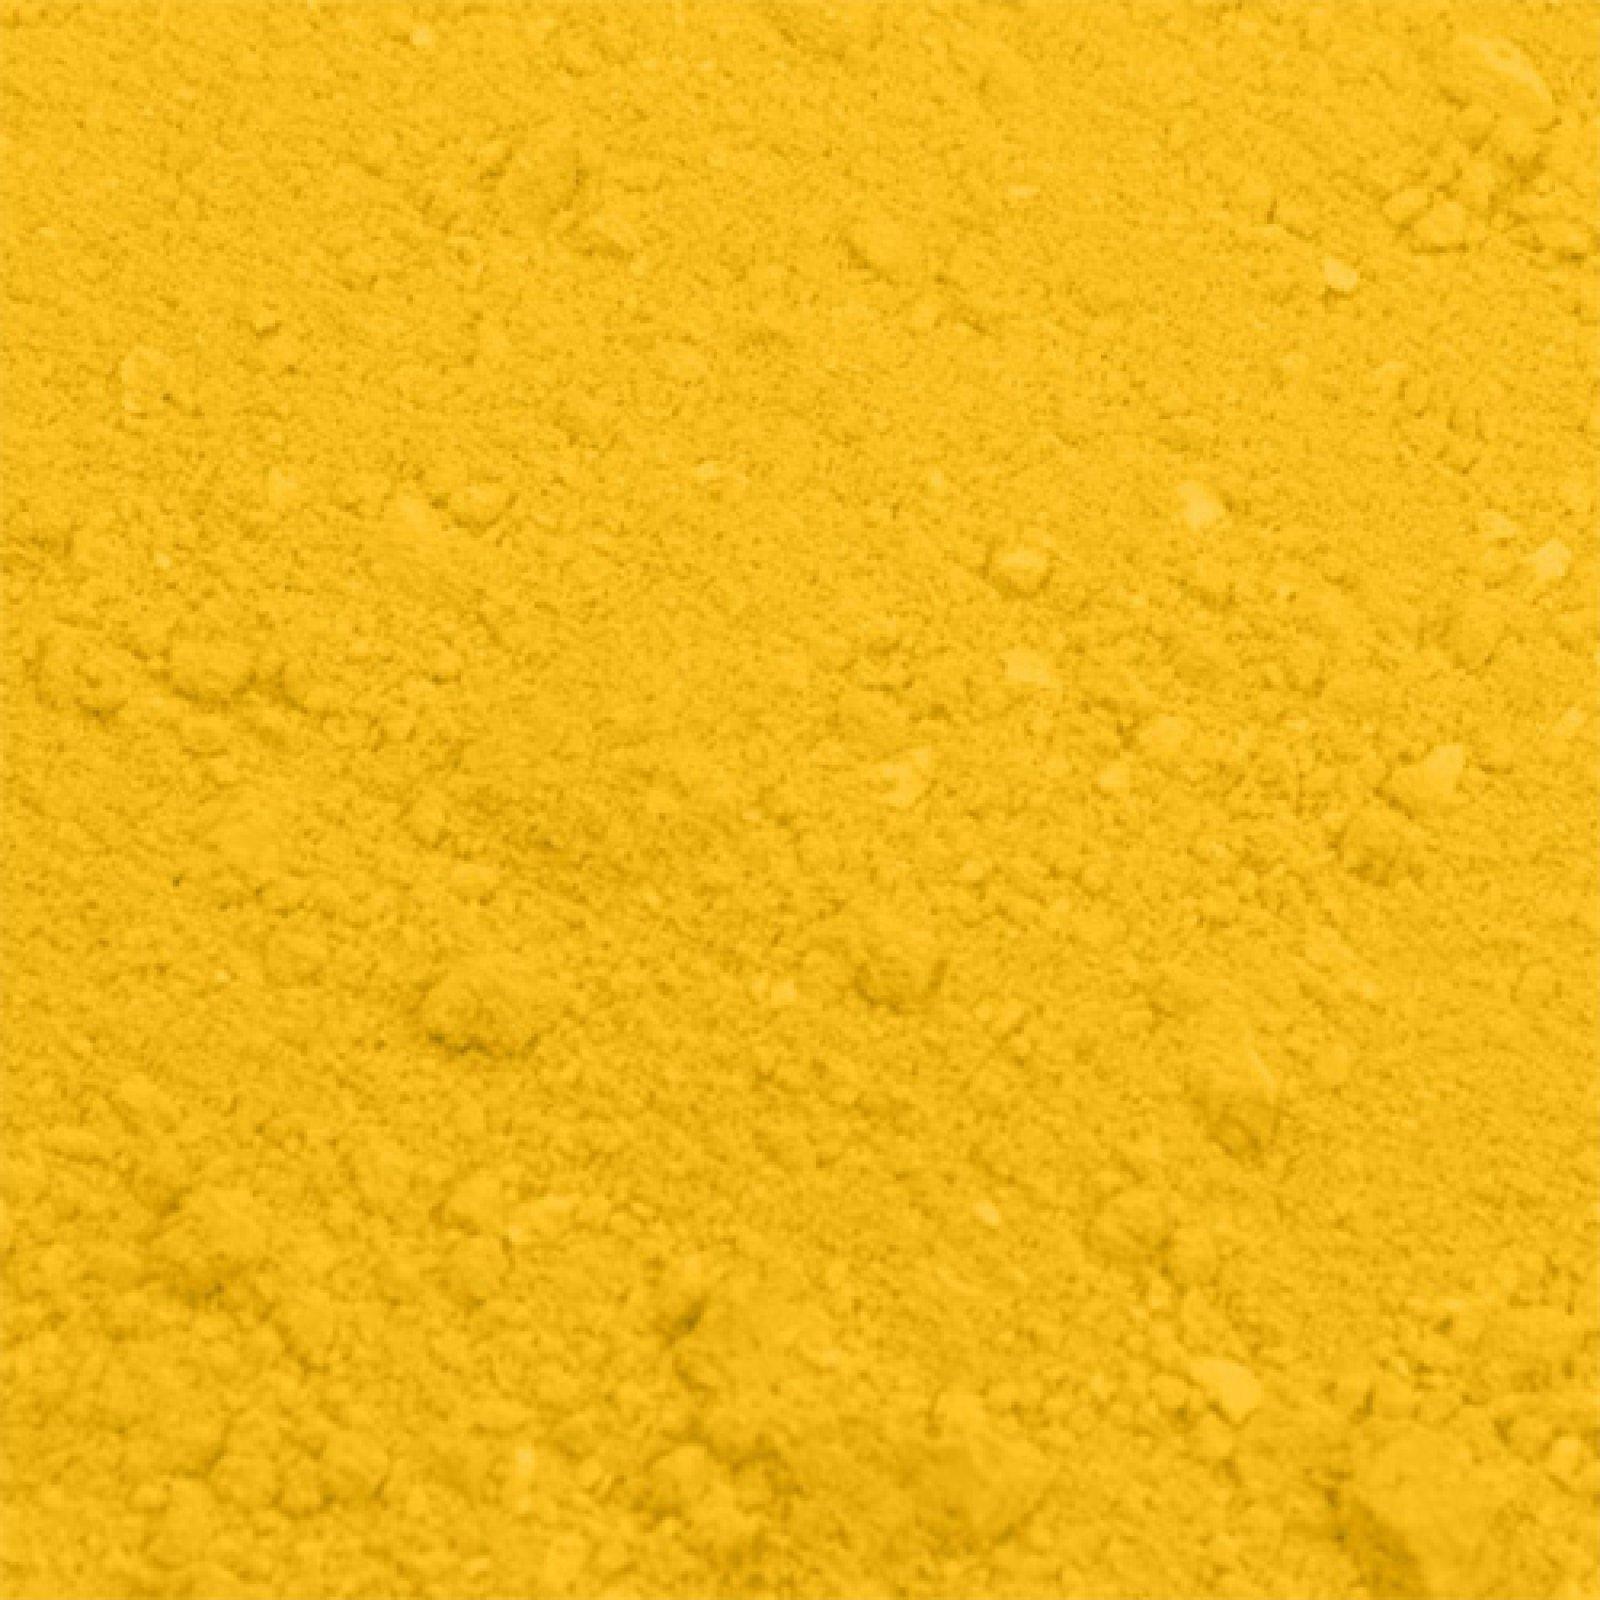 Beste Lebensmittelfarbe Gelb 5 Zeitgenössisch - Malvorlagen Von ...